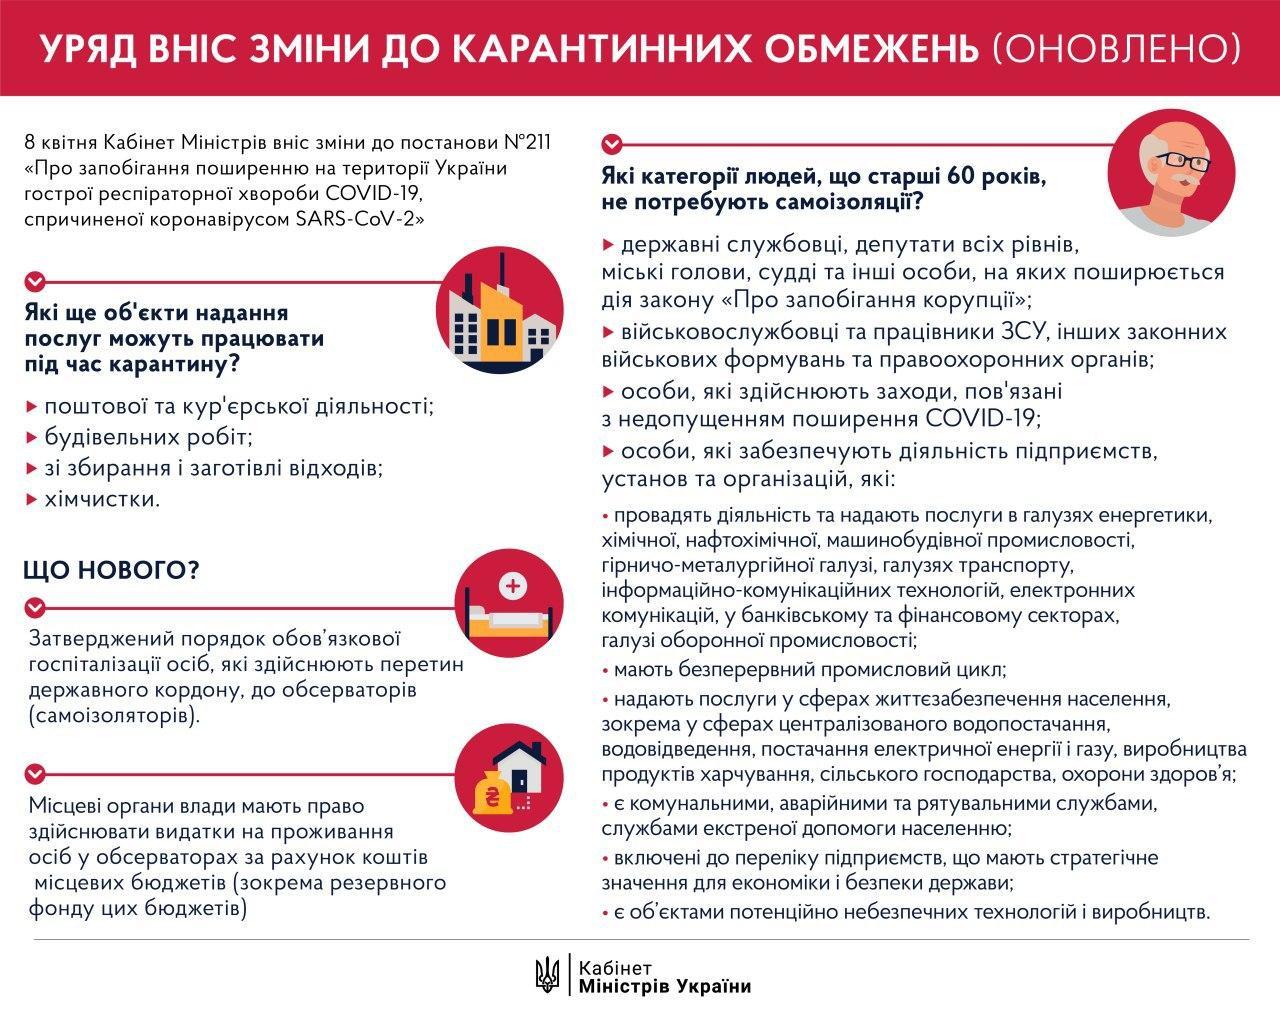 Під час карантину Уряд розширив перелік видів господарської діяльності -  - photo 2020 04 09 13 56 35